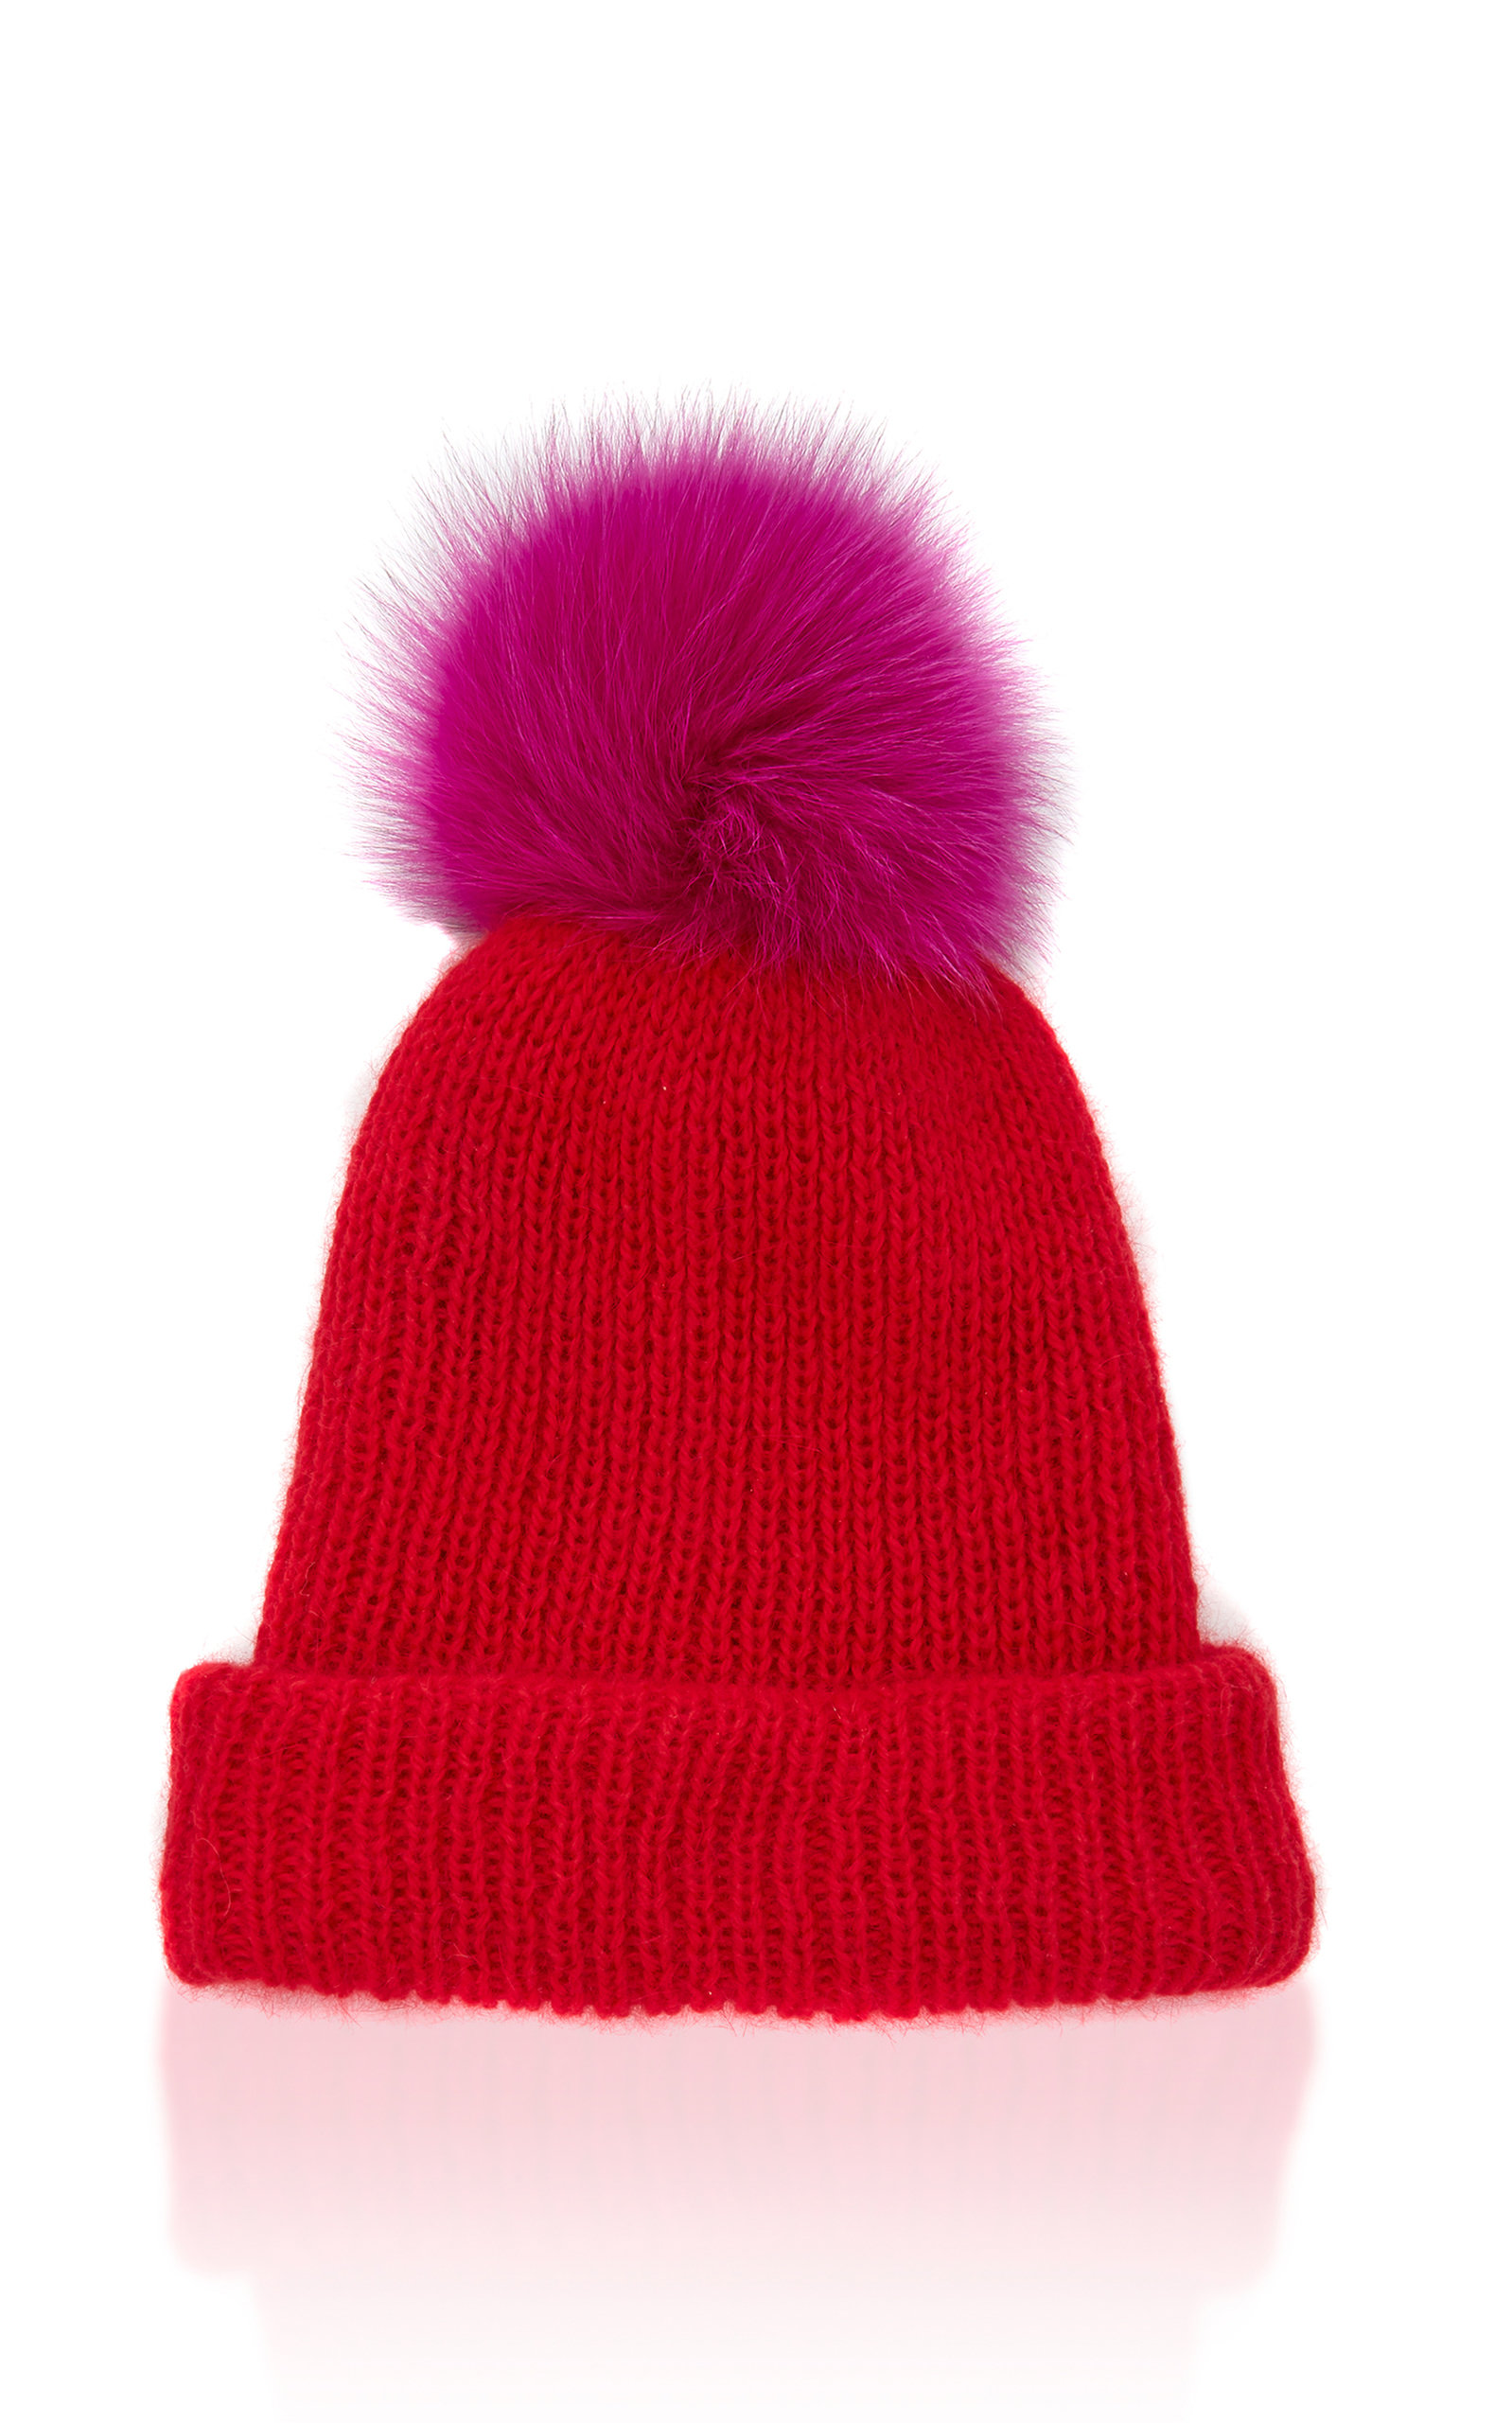 EUGENIA KIM Faux Fur Pom Pom Hat in Red